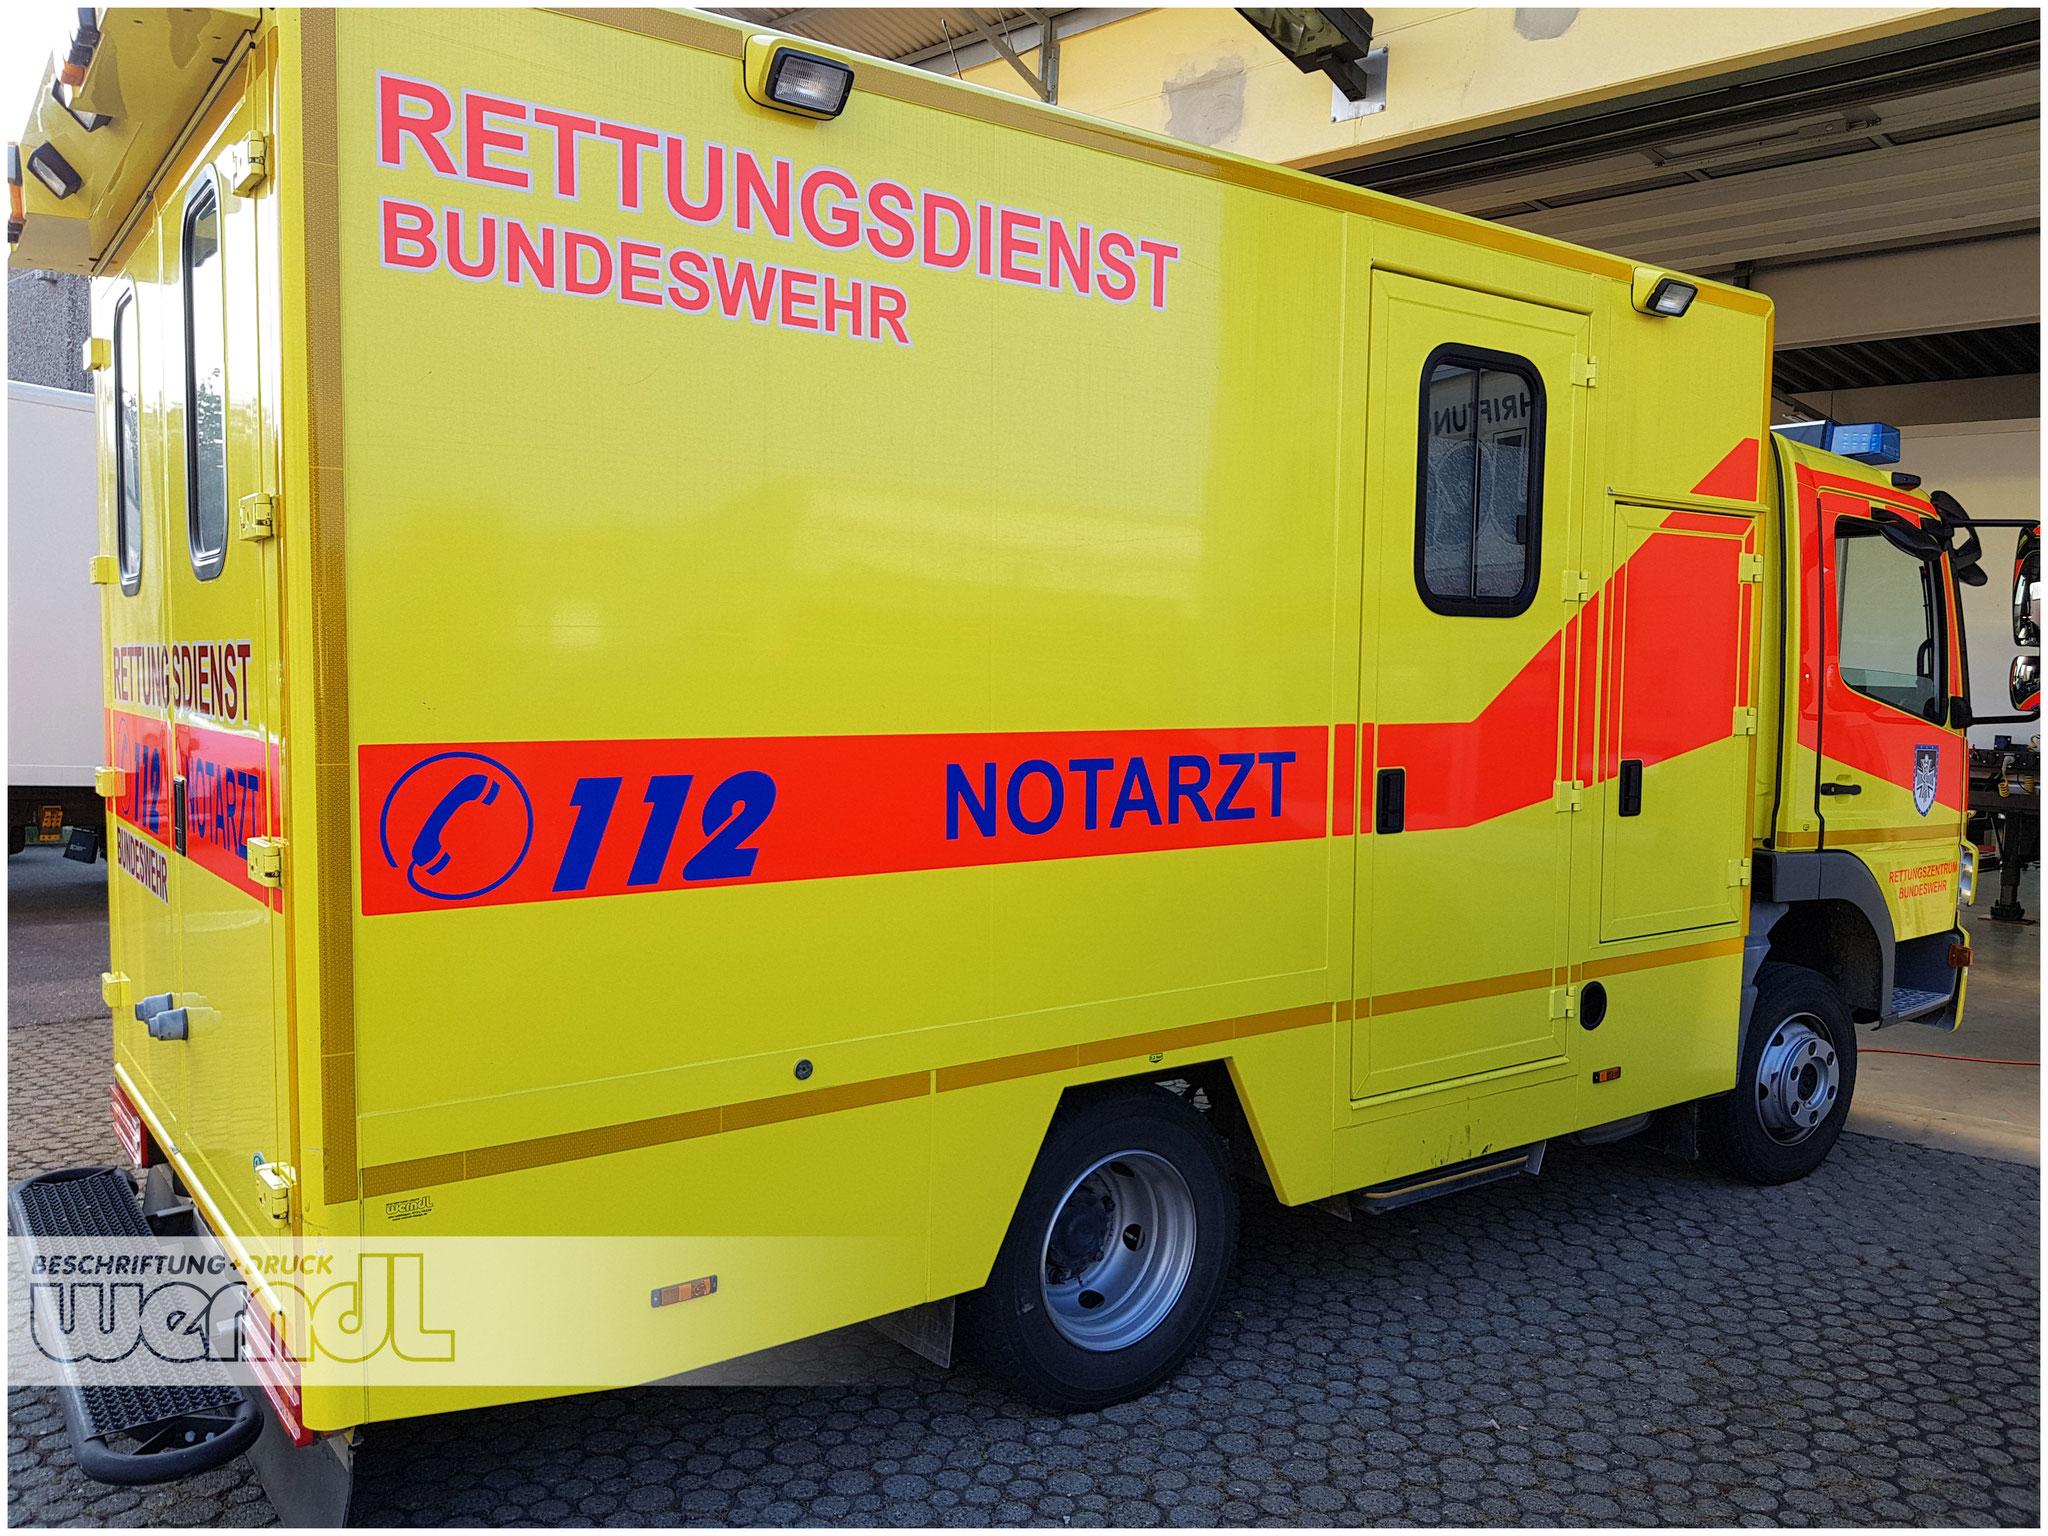 Rettungsdienst LKW  Beschriftung mit Reflex Materialien